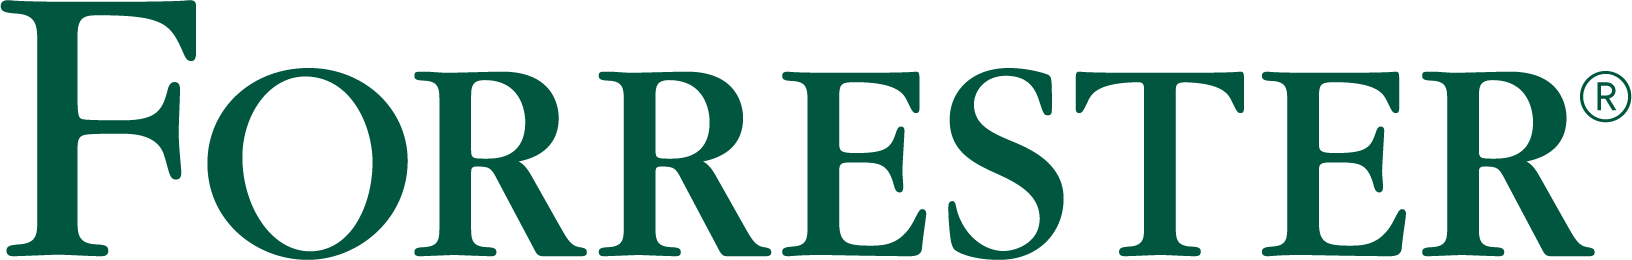 forrester-RGB_logo